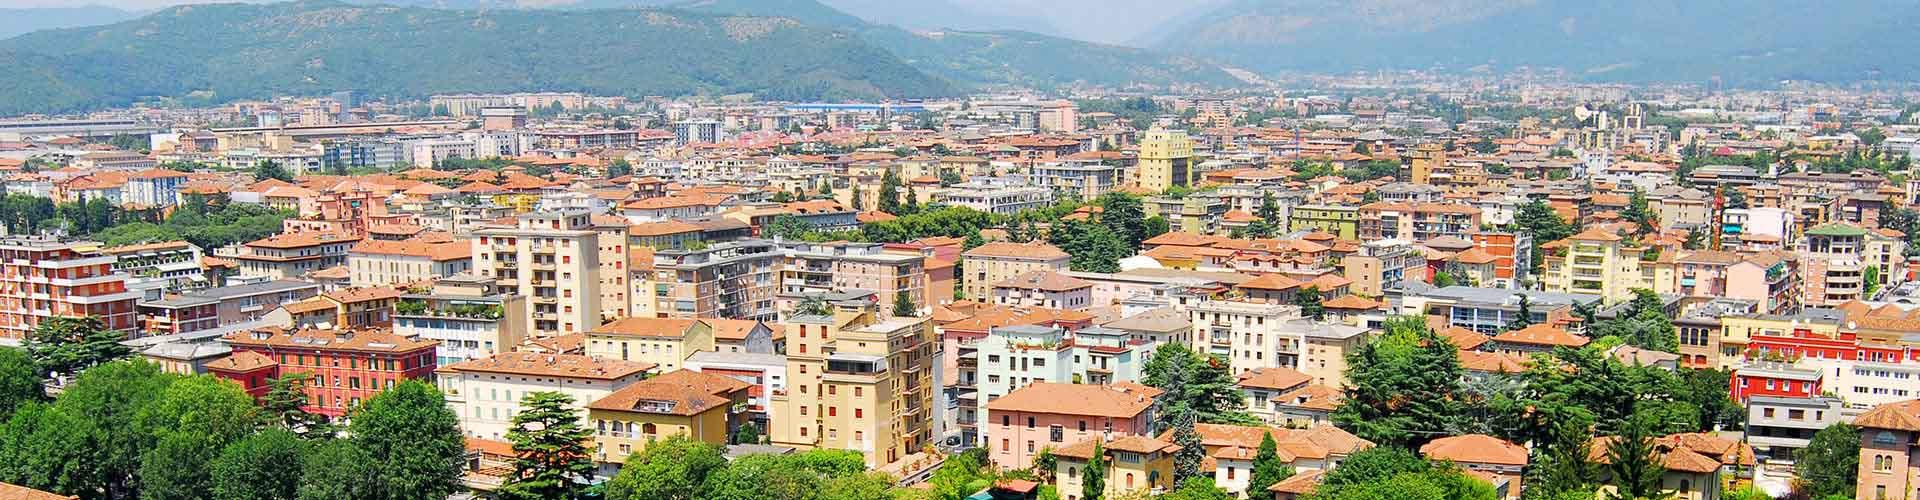 Brescia - Apartamentos en Brescia. Mapas de Brescia, Fotos y comentarios de cada Apartamento en Brescia.